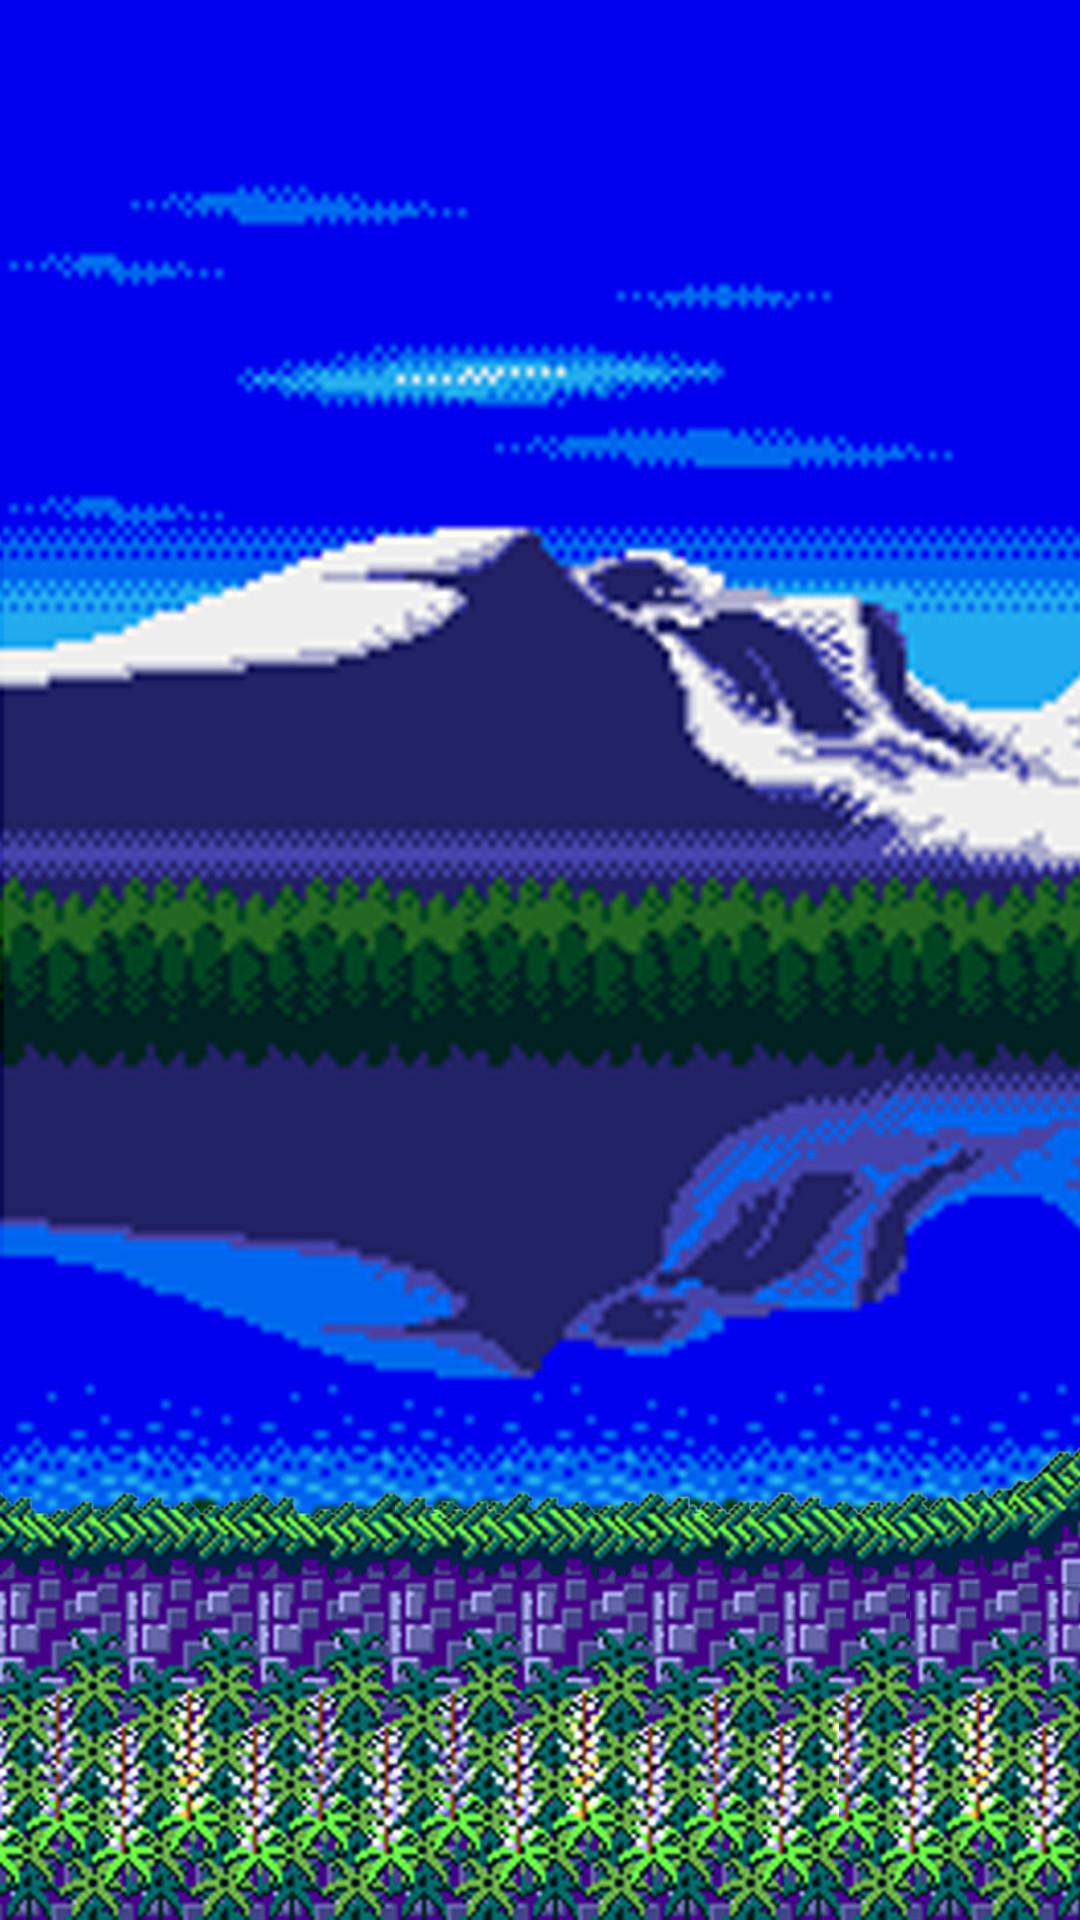 Azure Lake (1080 x 1920)